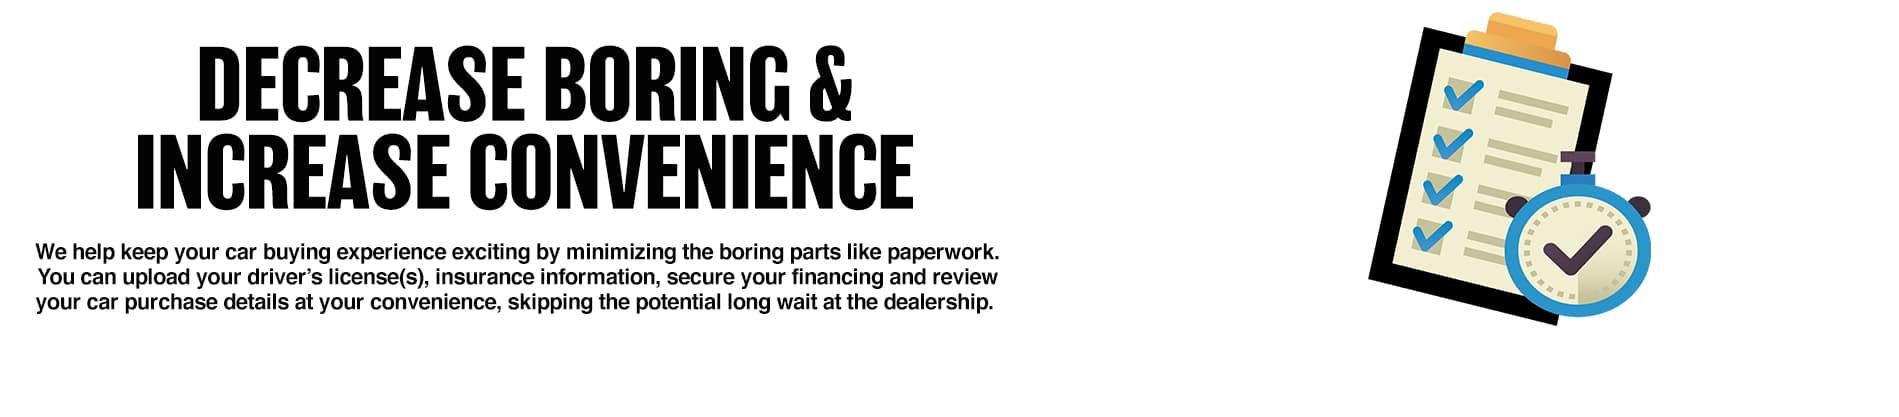 decrease boring increase convenience